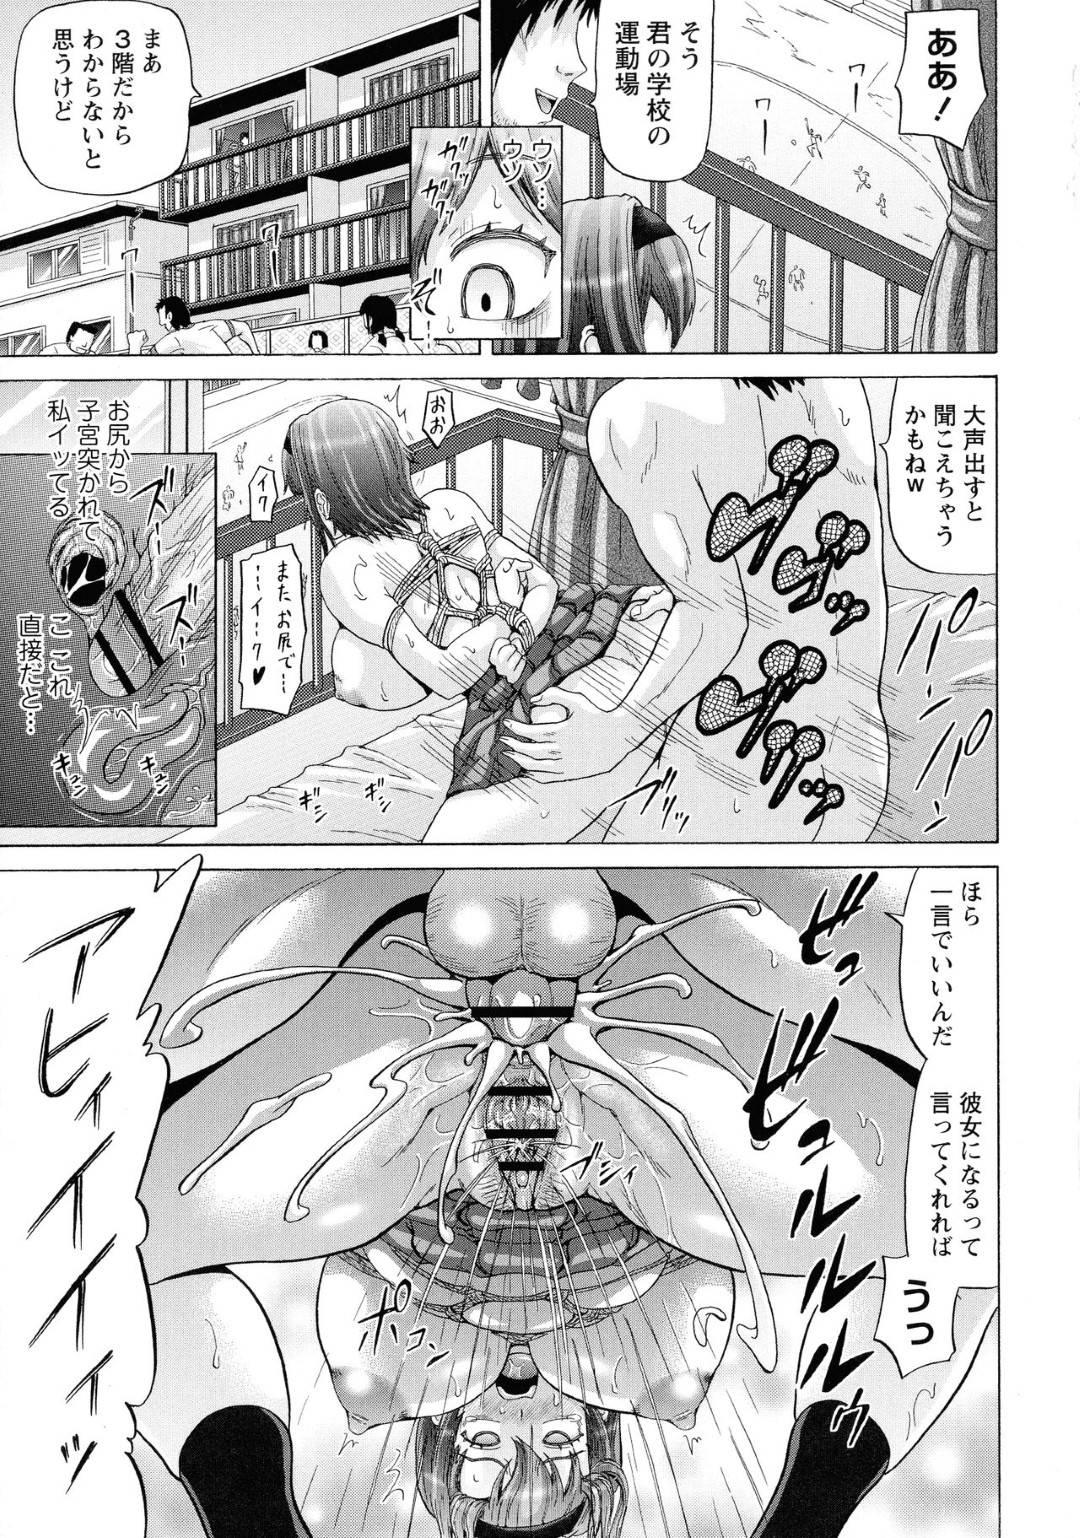 【エロ漫画】ストーカー男に拉致されて緊縛された気の強いJK…アナルをハメられてケツアクメし生ハメ中出しセックスで学校のみんなに見られながらイキまくる【ヌクヌクオレンジ:タカラモノ】